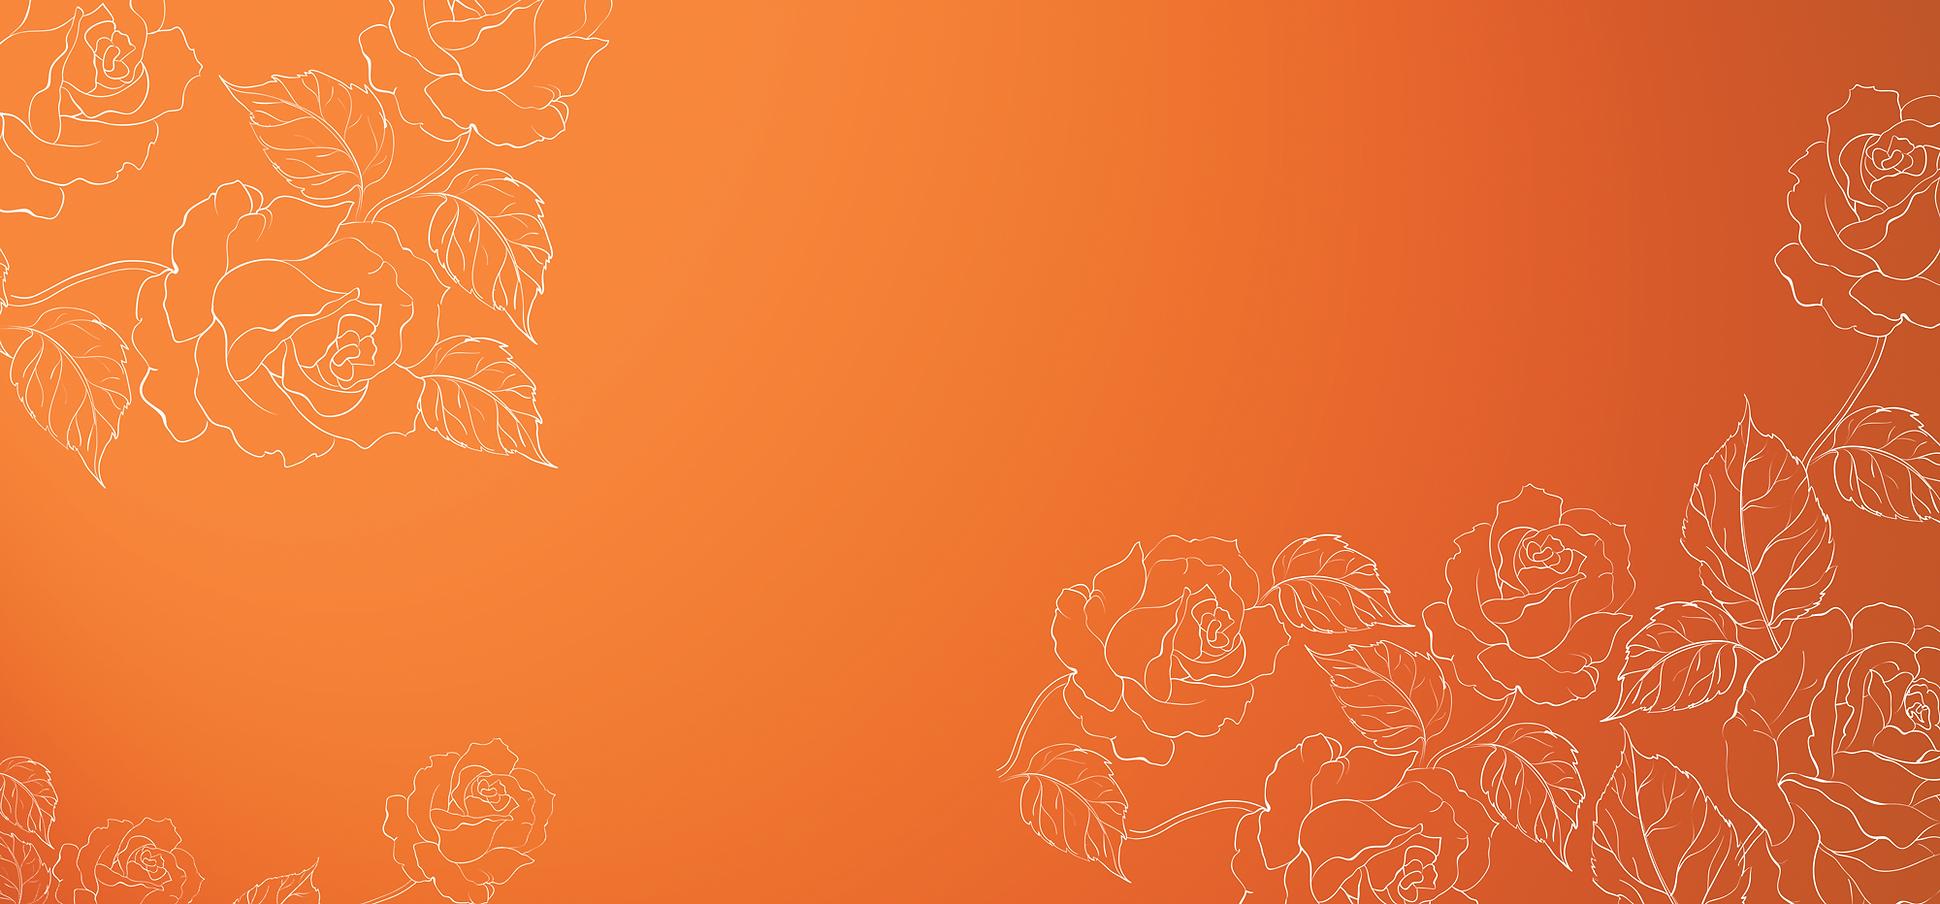 orange-background-for-website.png